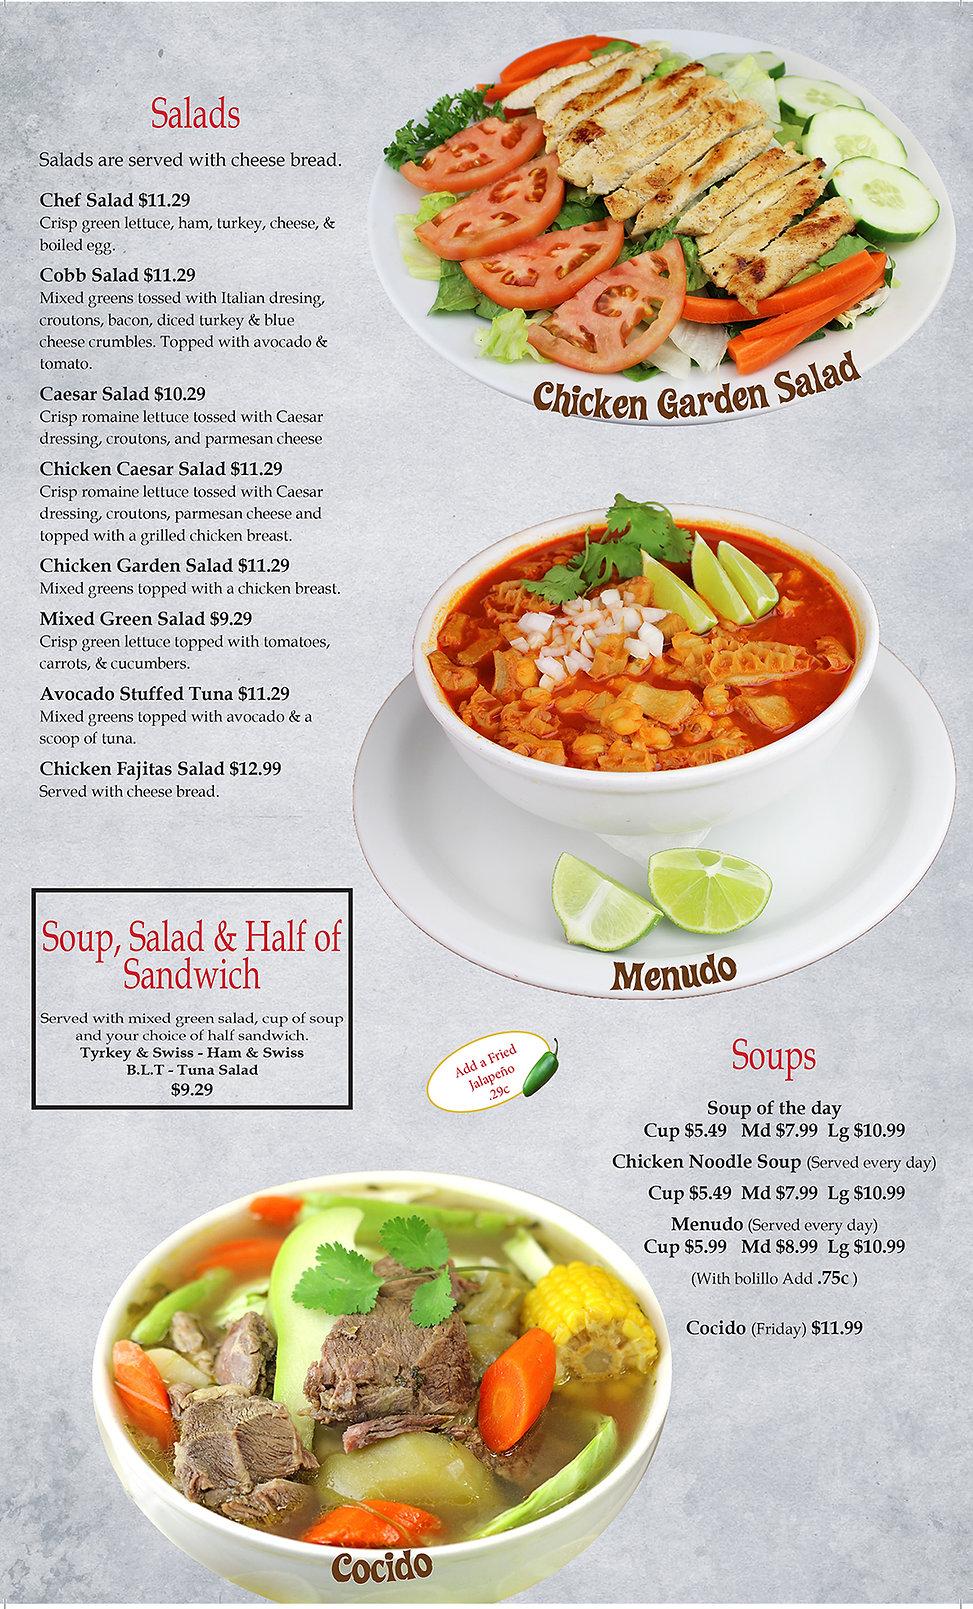 Salad-Soups May 21.jpg